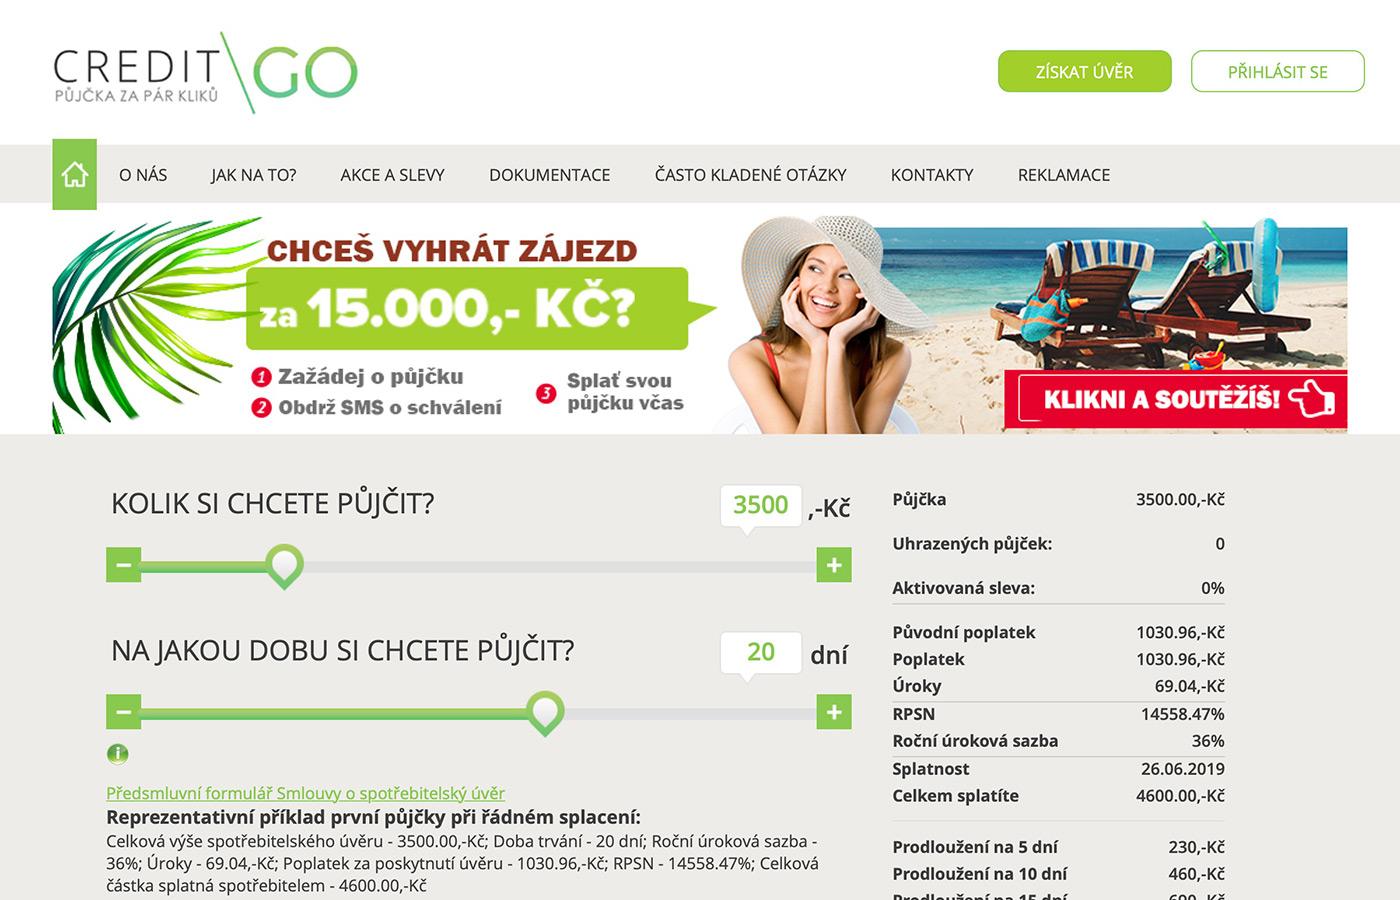 Náhled webových stránek www.creditgo.cz